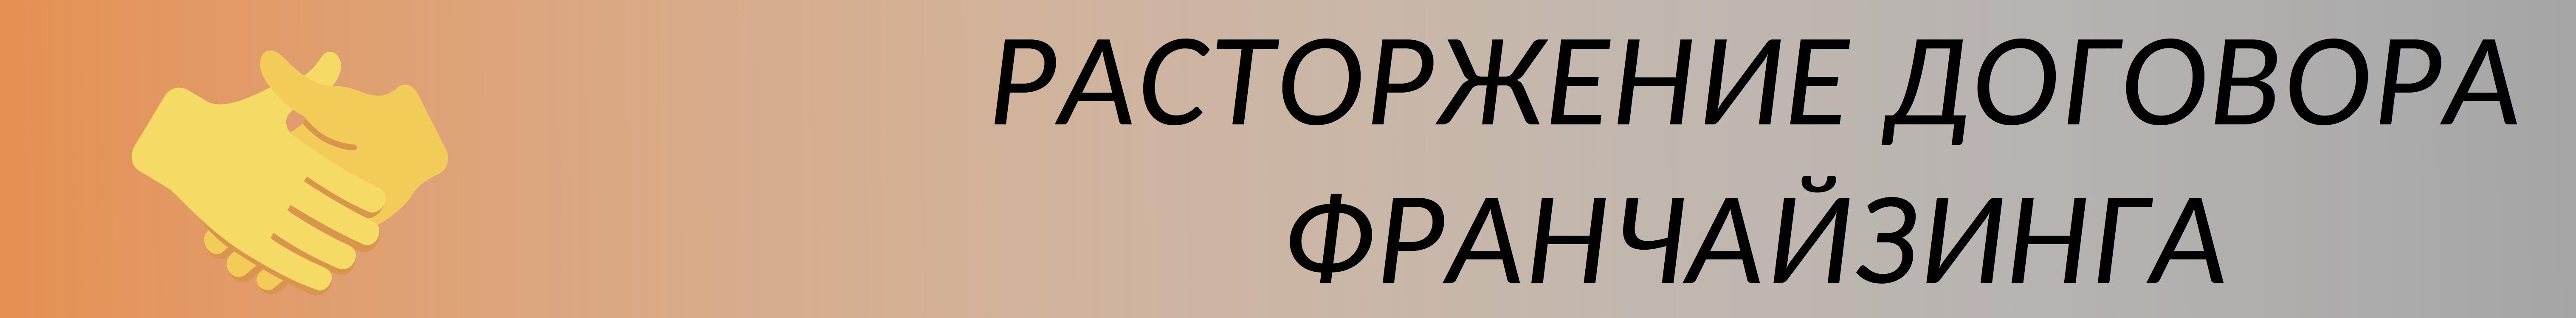 Порядок заключения договора франчайзинга